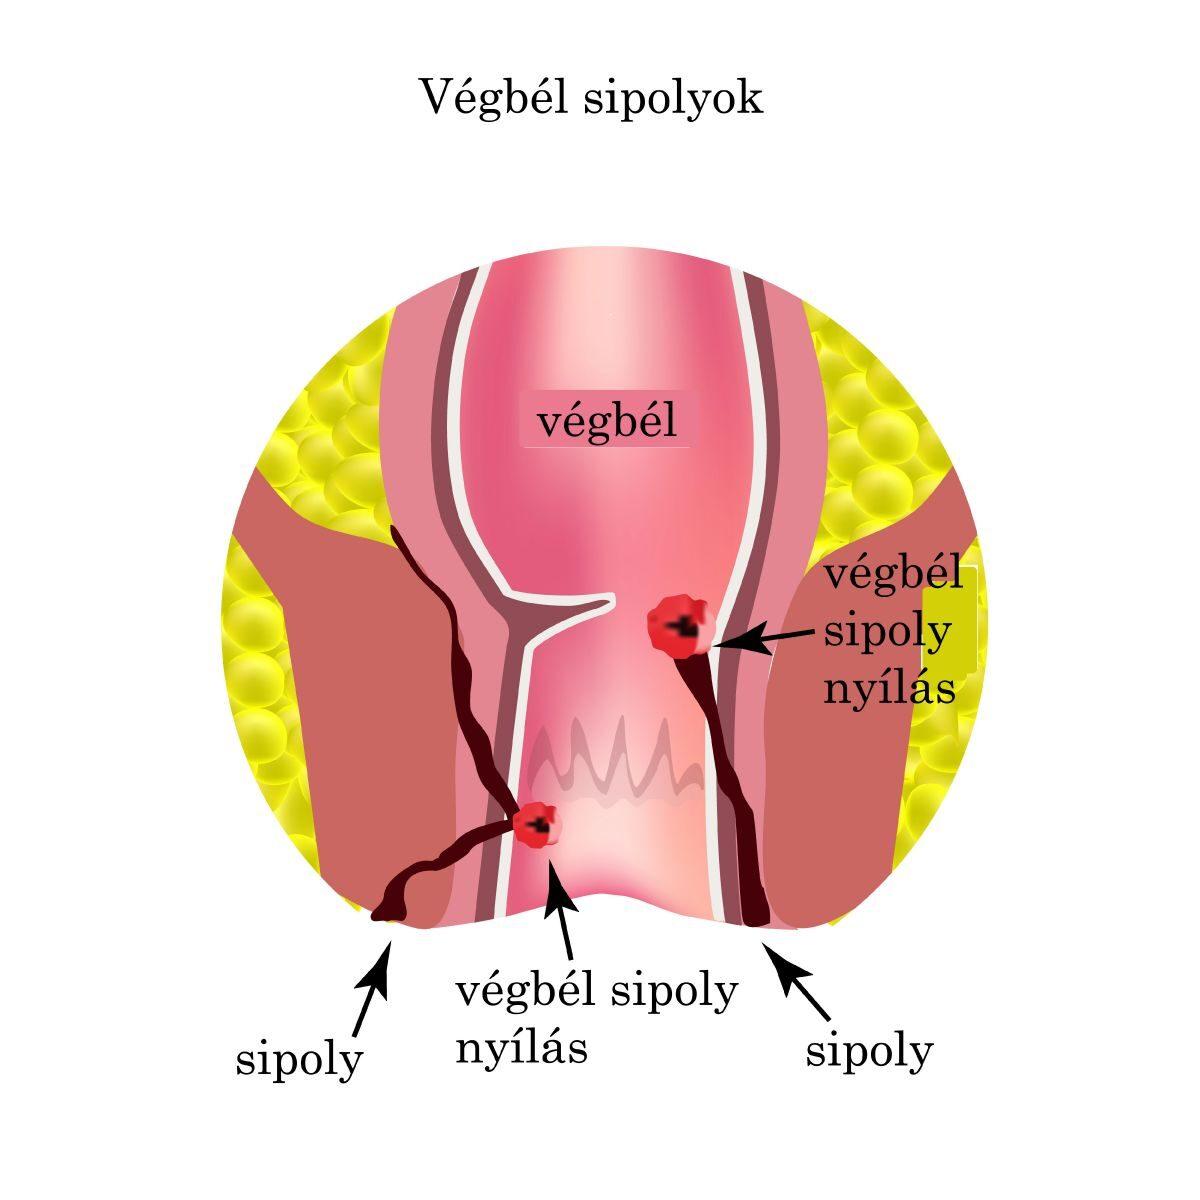 bokakötések repedése tünetek és kezelés csípő tendinosis betegség